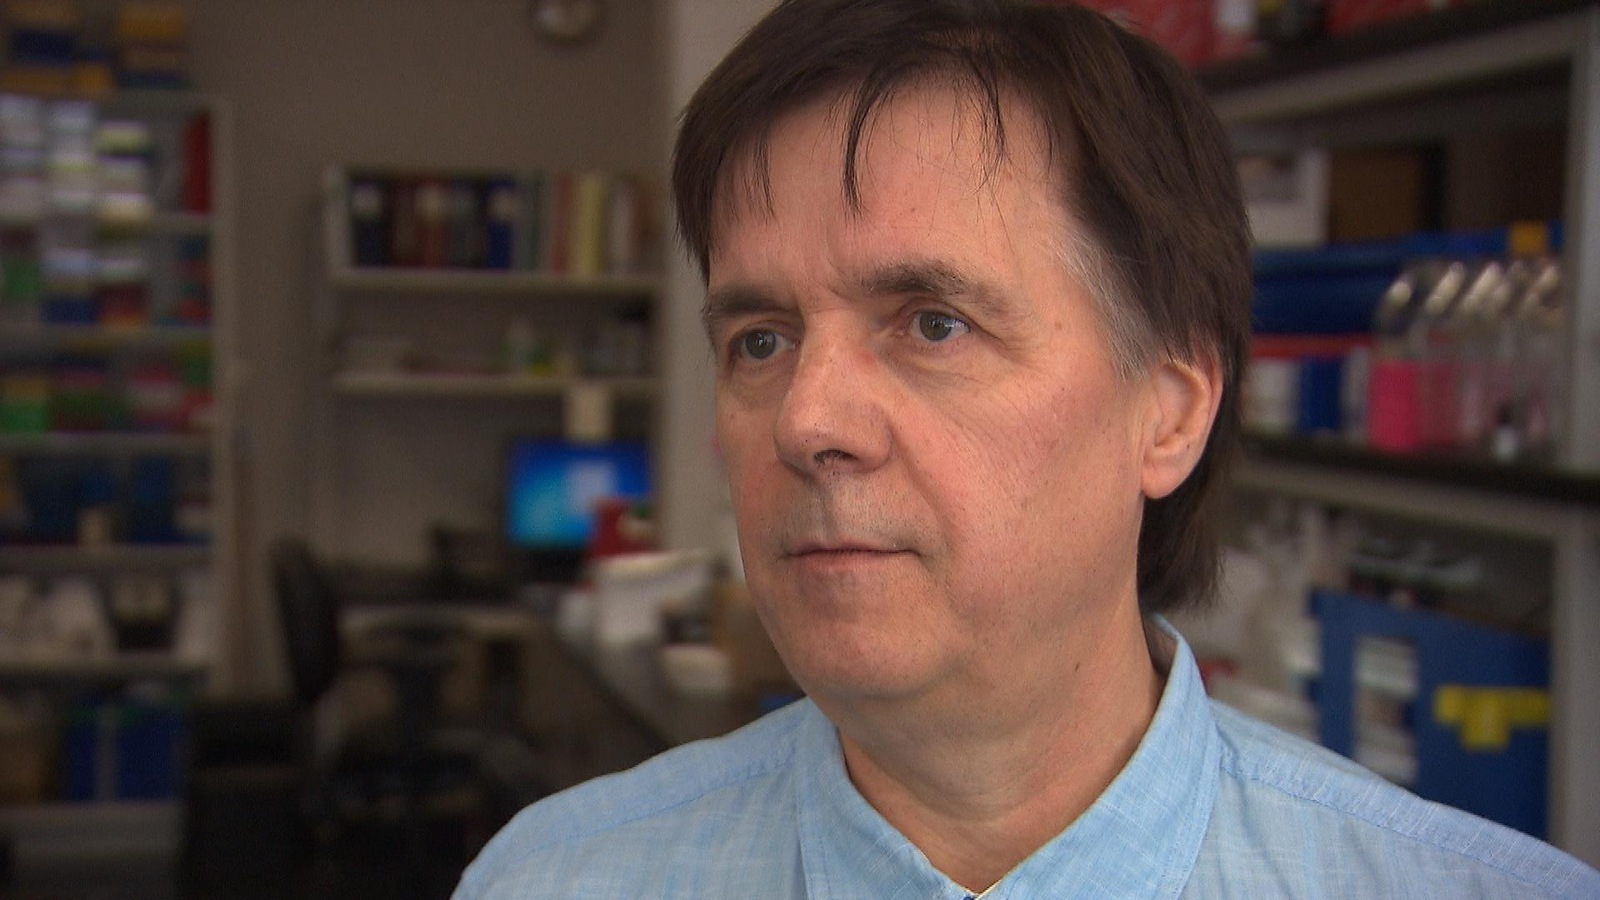 Un homme dans un laboratoire de recherche regarde un journaliste lors d'une entrevue.